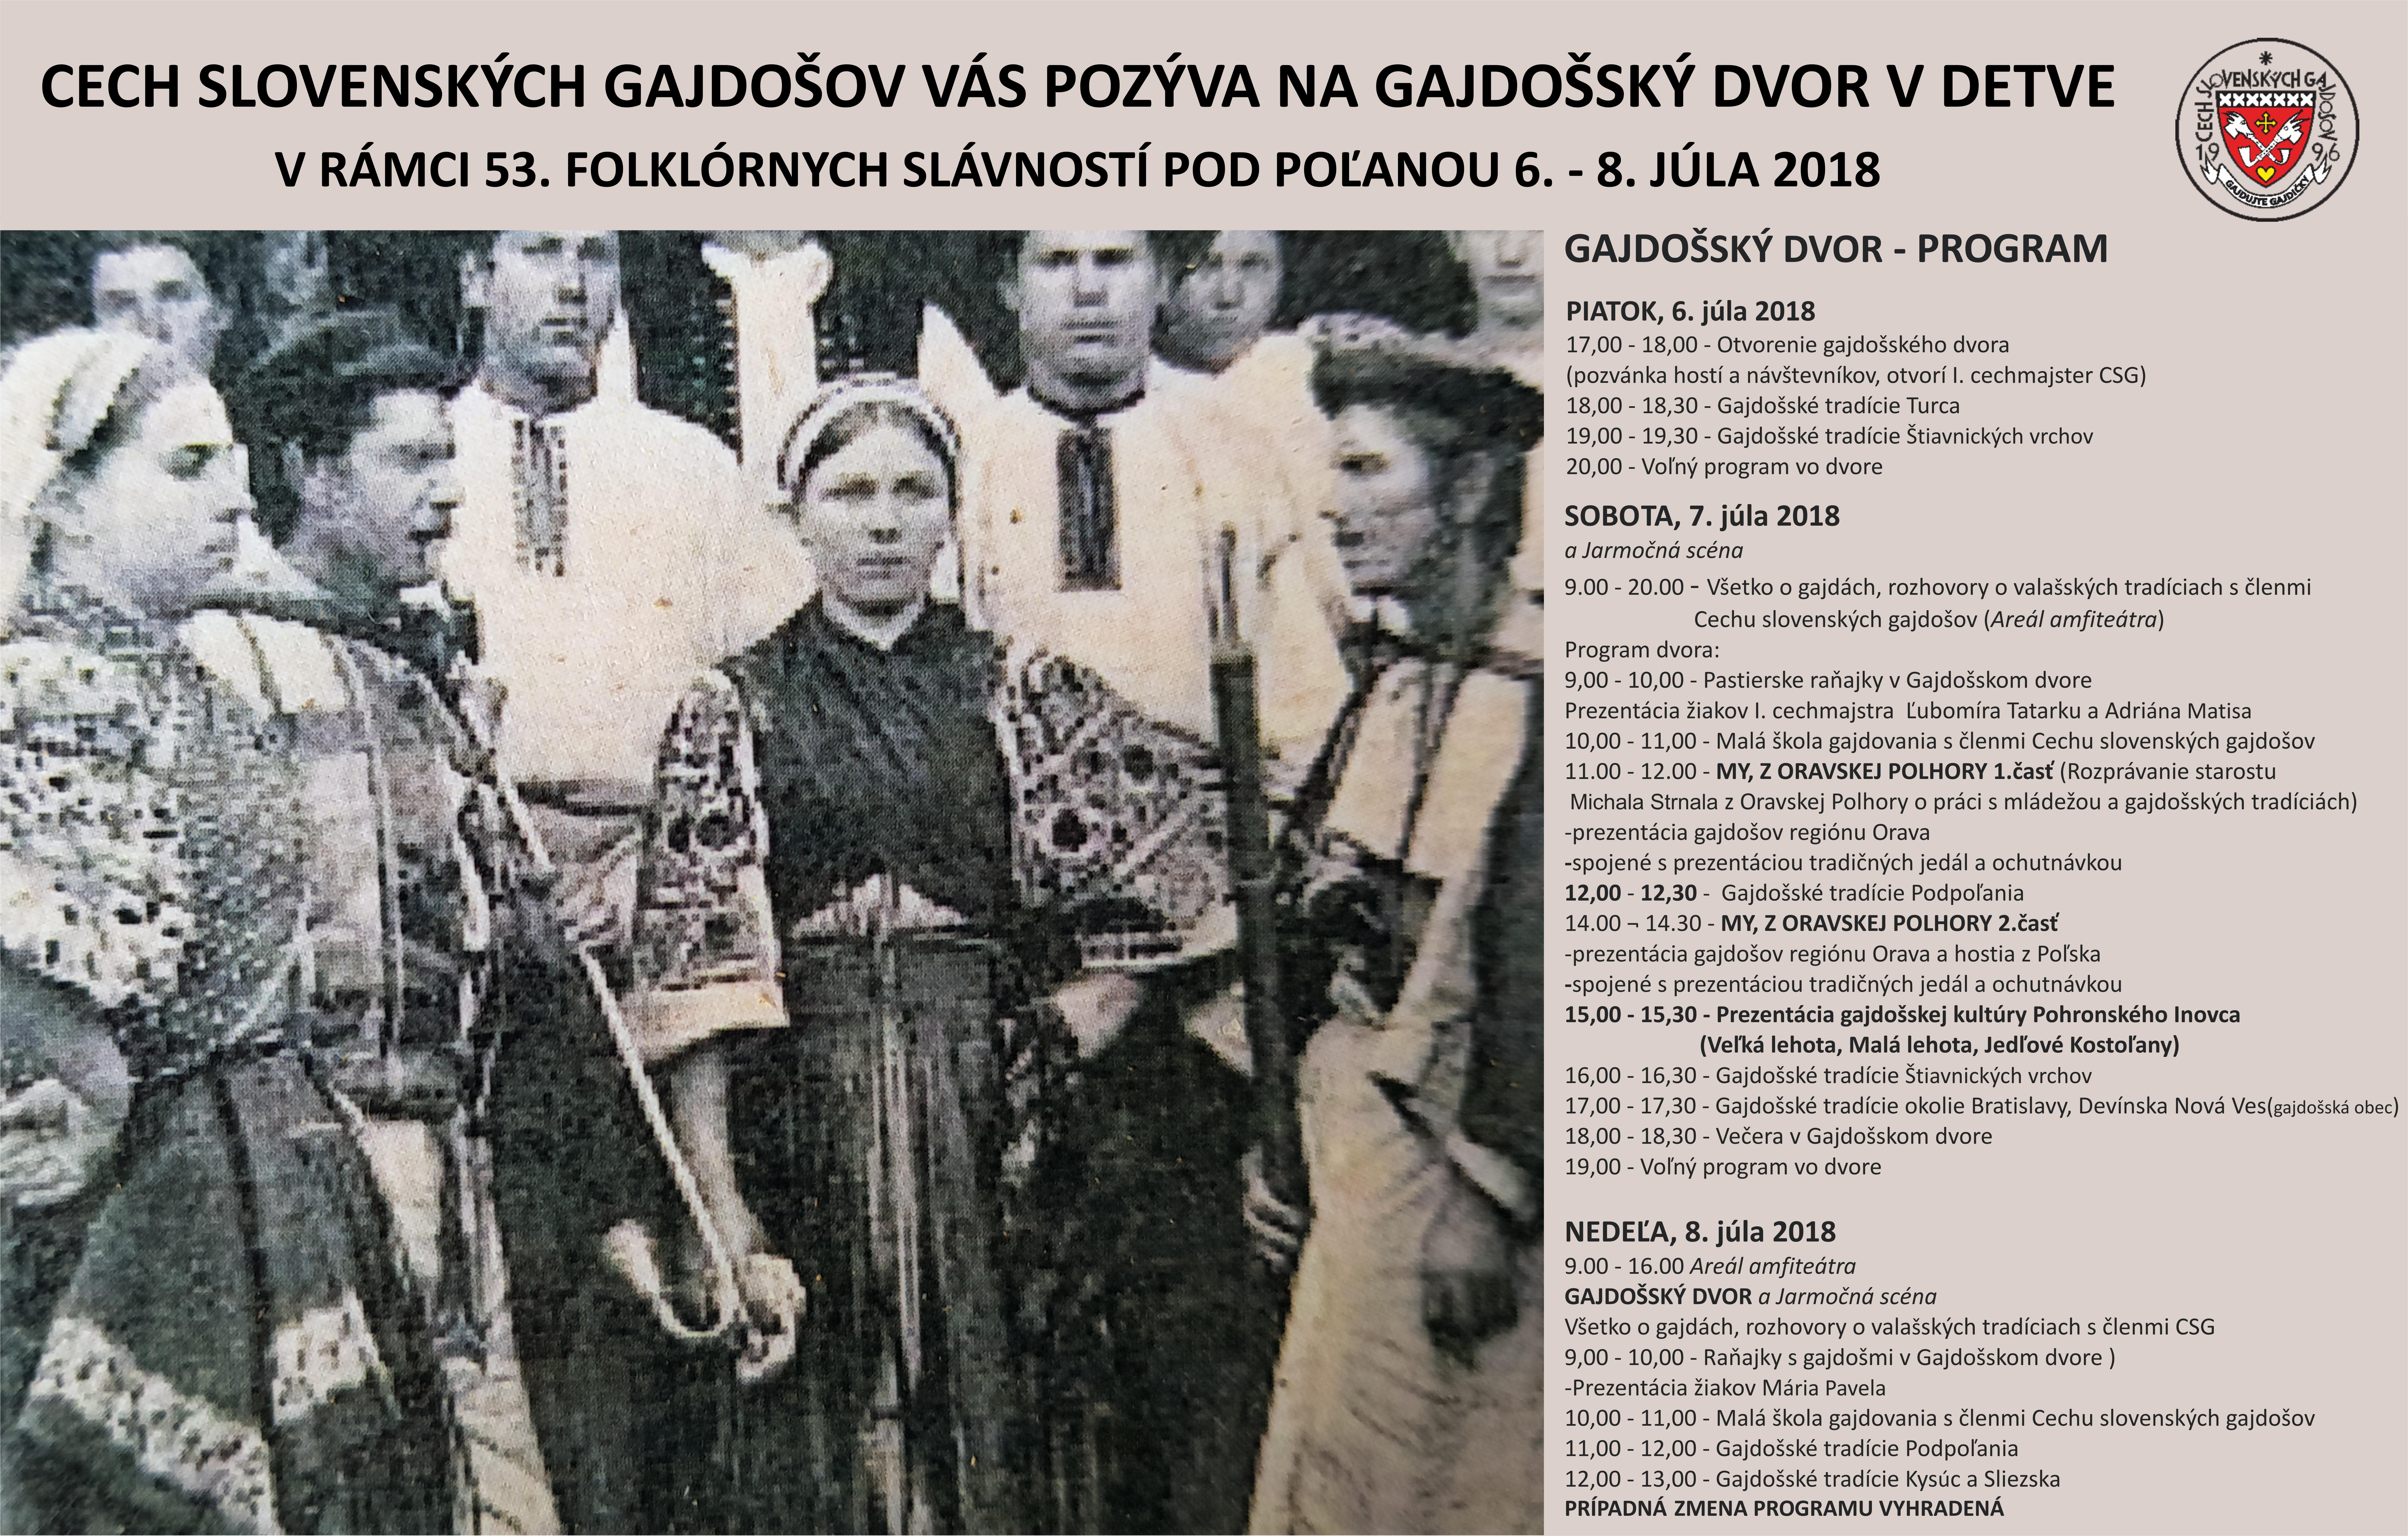 Gajdossky dvor Detva